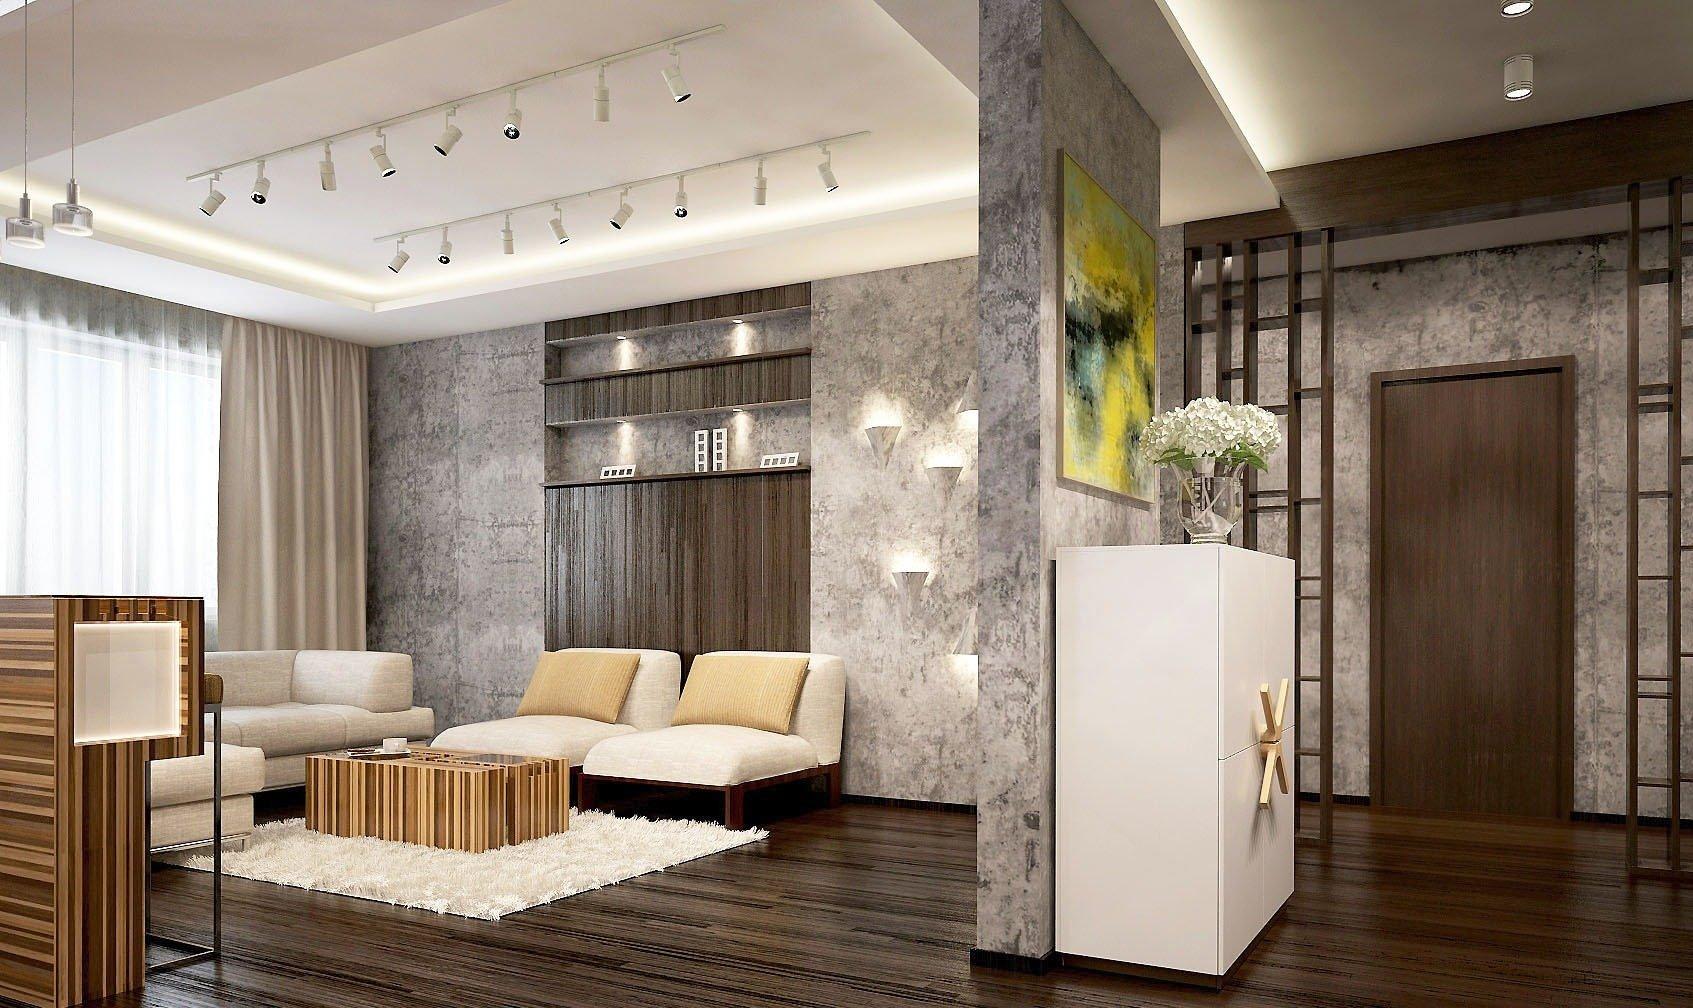 Дизайн квартиры: услуга, полезность которой сложно переоценить